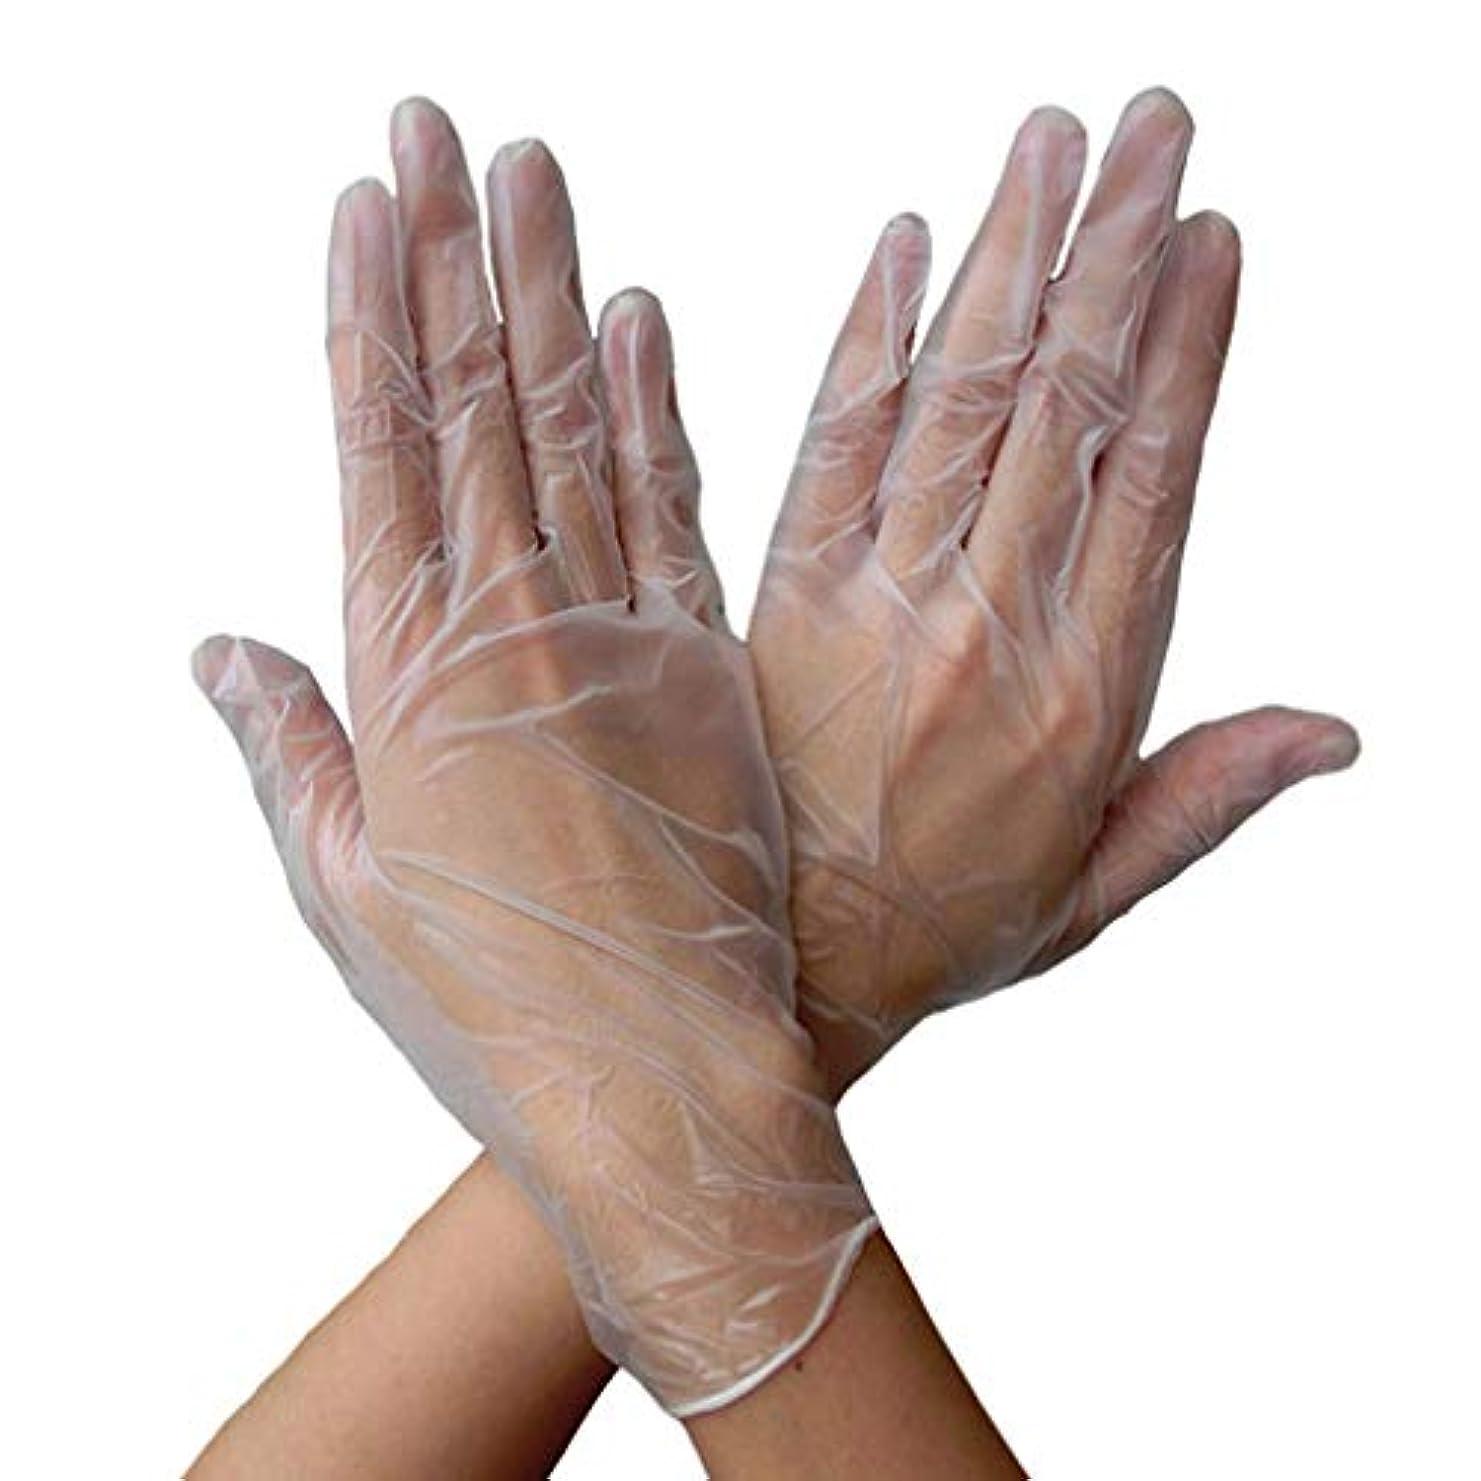 出席する変装した傷つきやすいHonel 使い捨て手袋 タトゥー/歯科/病院/研究室に適応 薄い PVC 手袋 高耐久 ホワイト 両手用 使い捨て手袋 50枚 ホワイト L